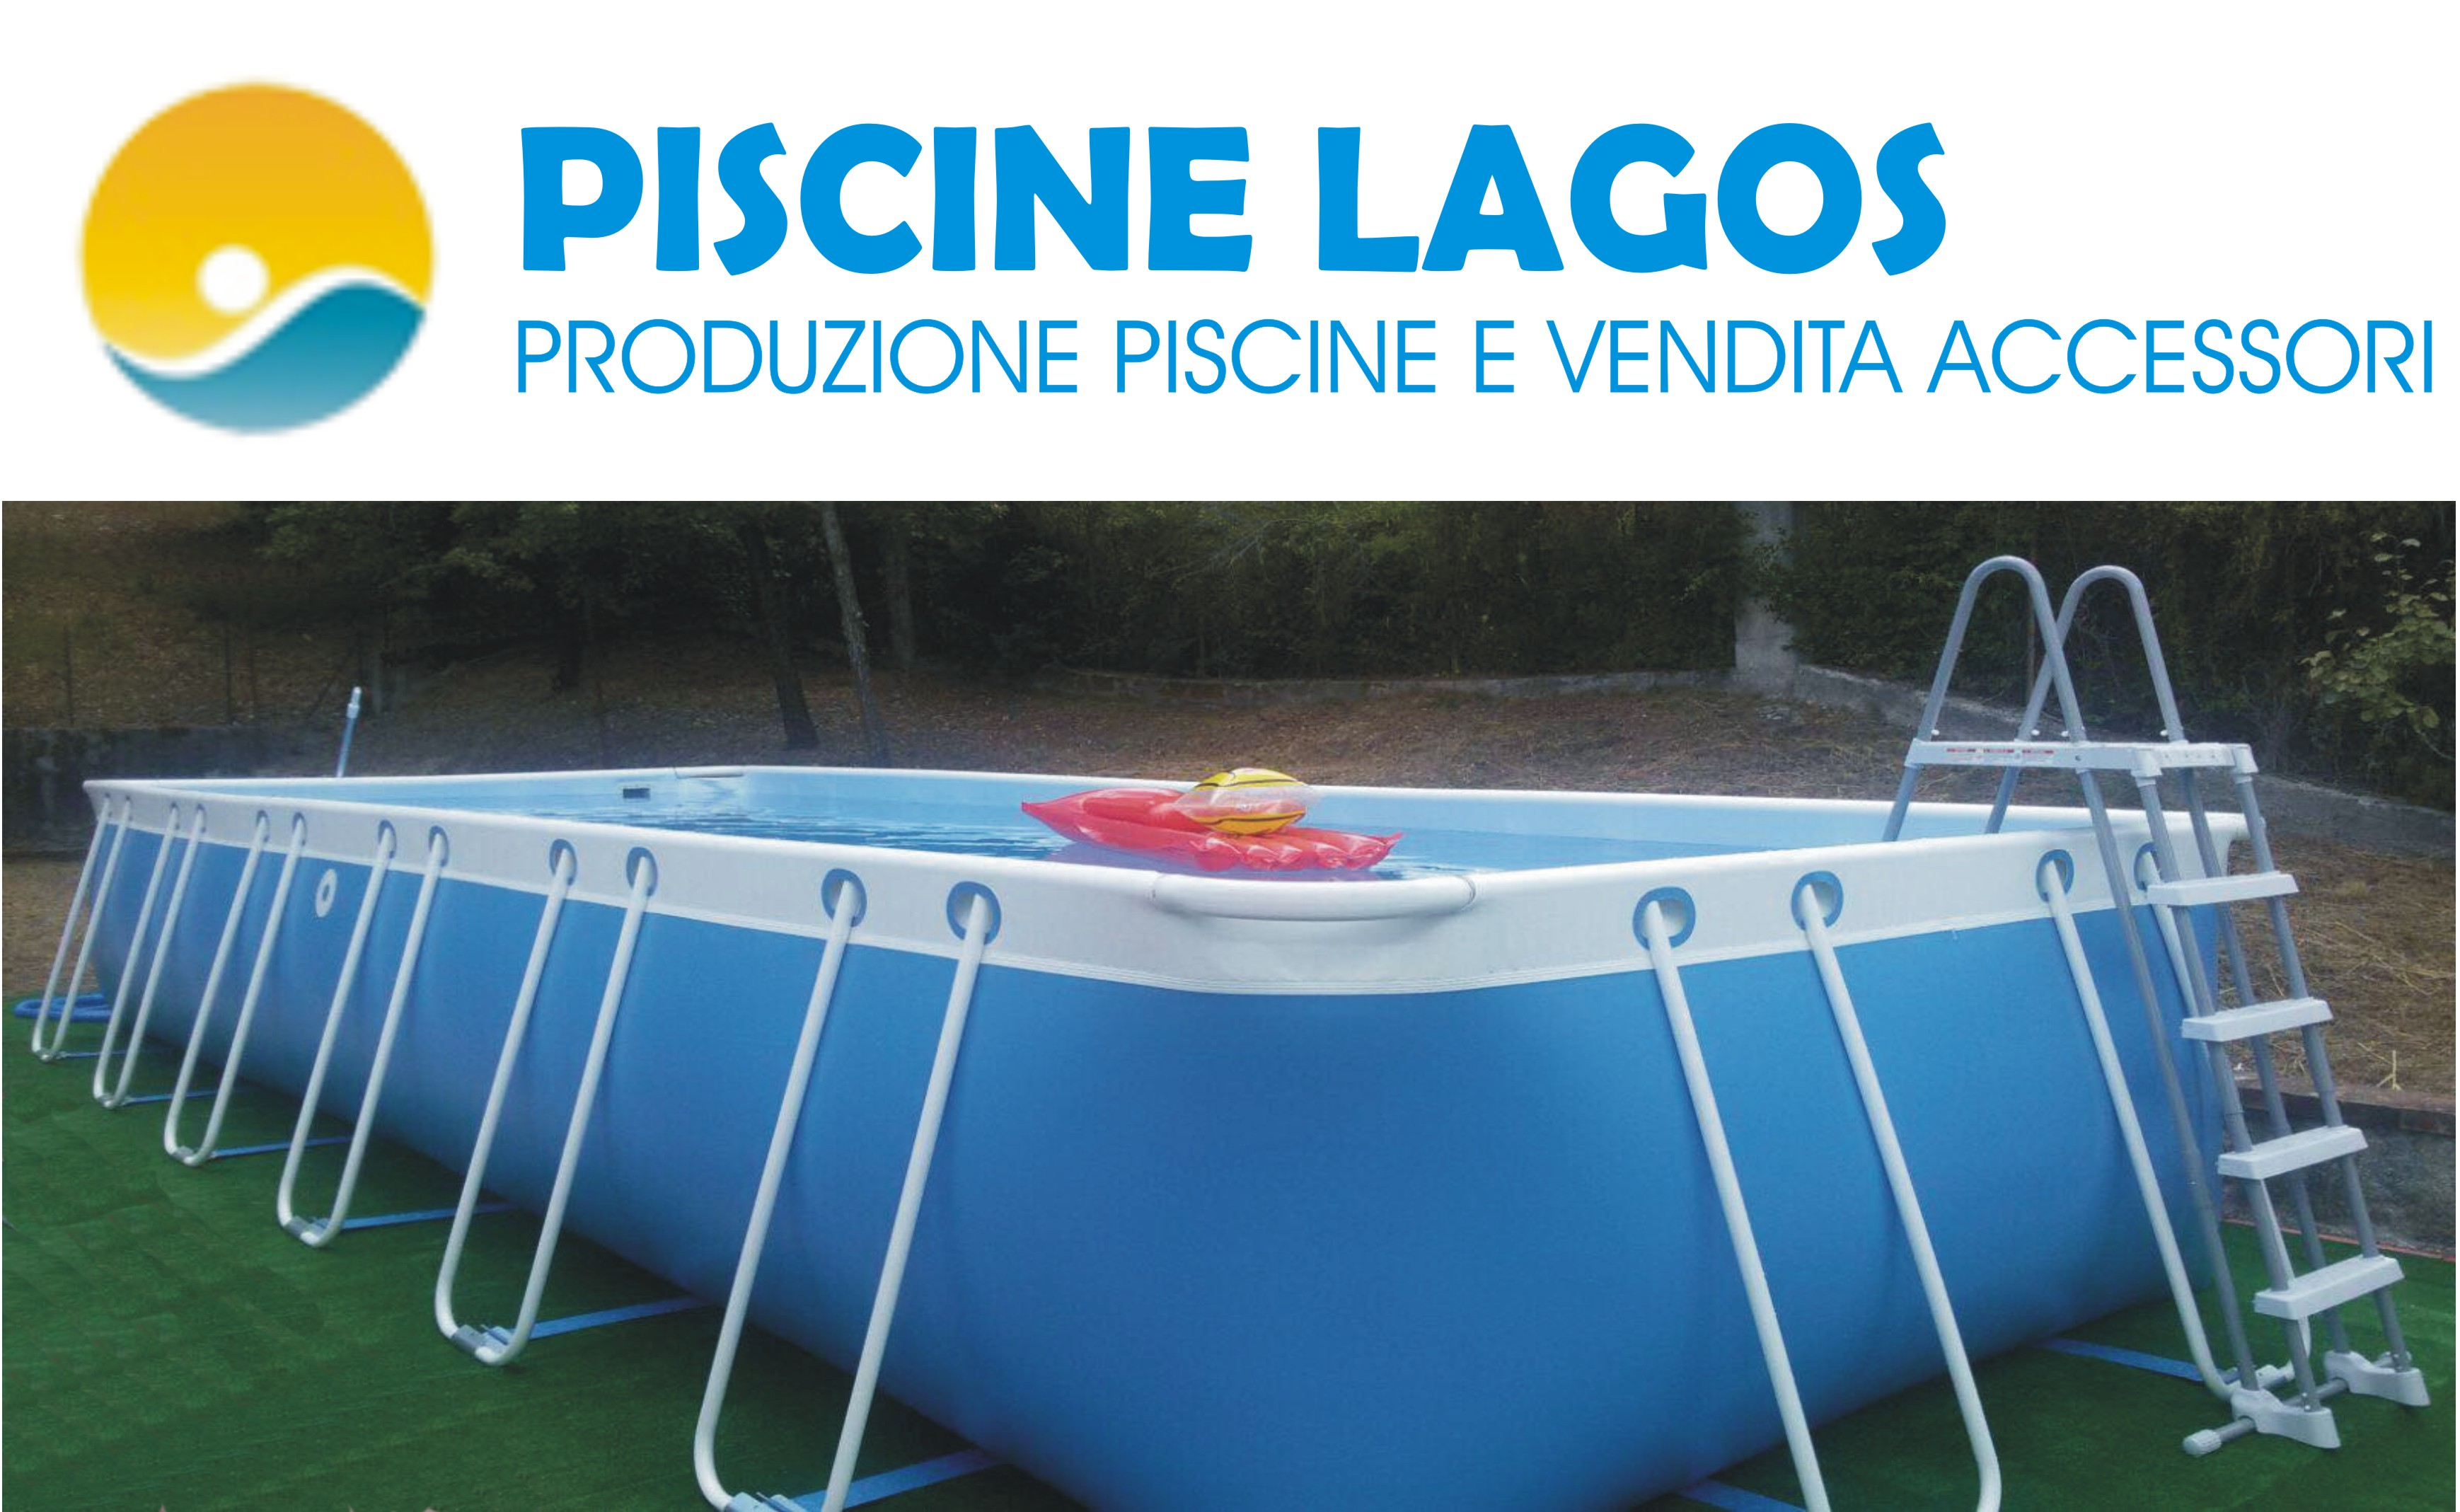 Piscine E Accessori.Piscina Lagos 2 X 3 Completa Di Accessori